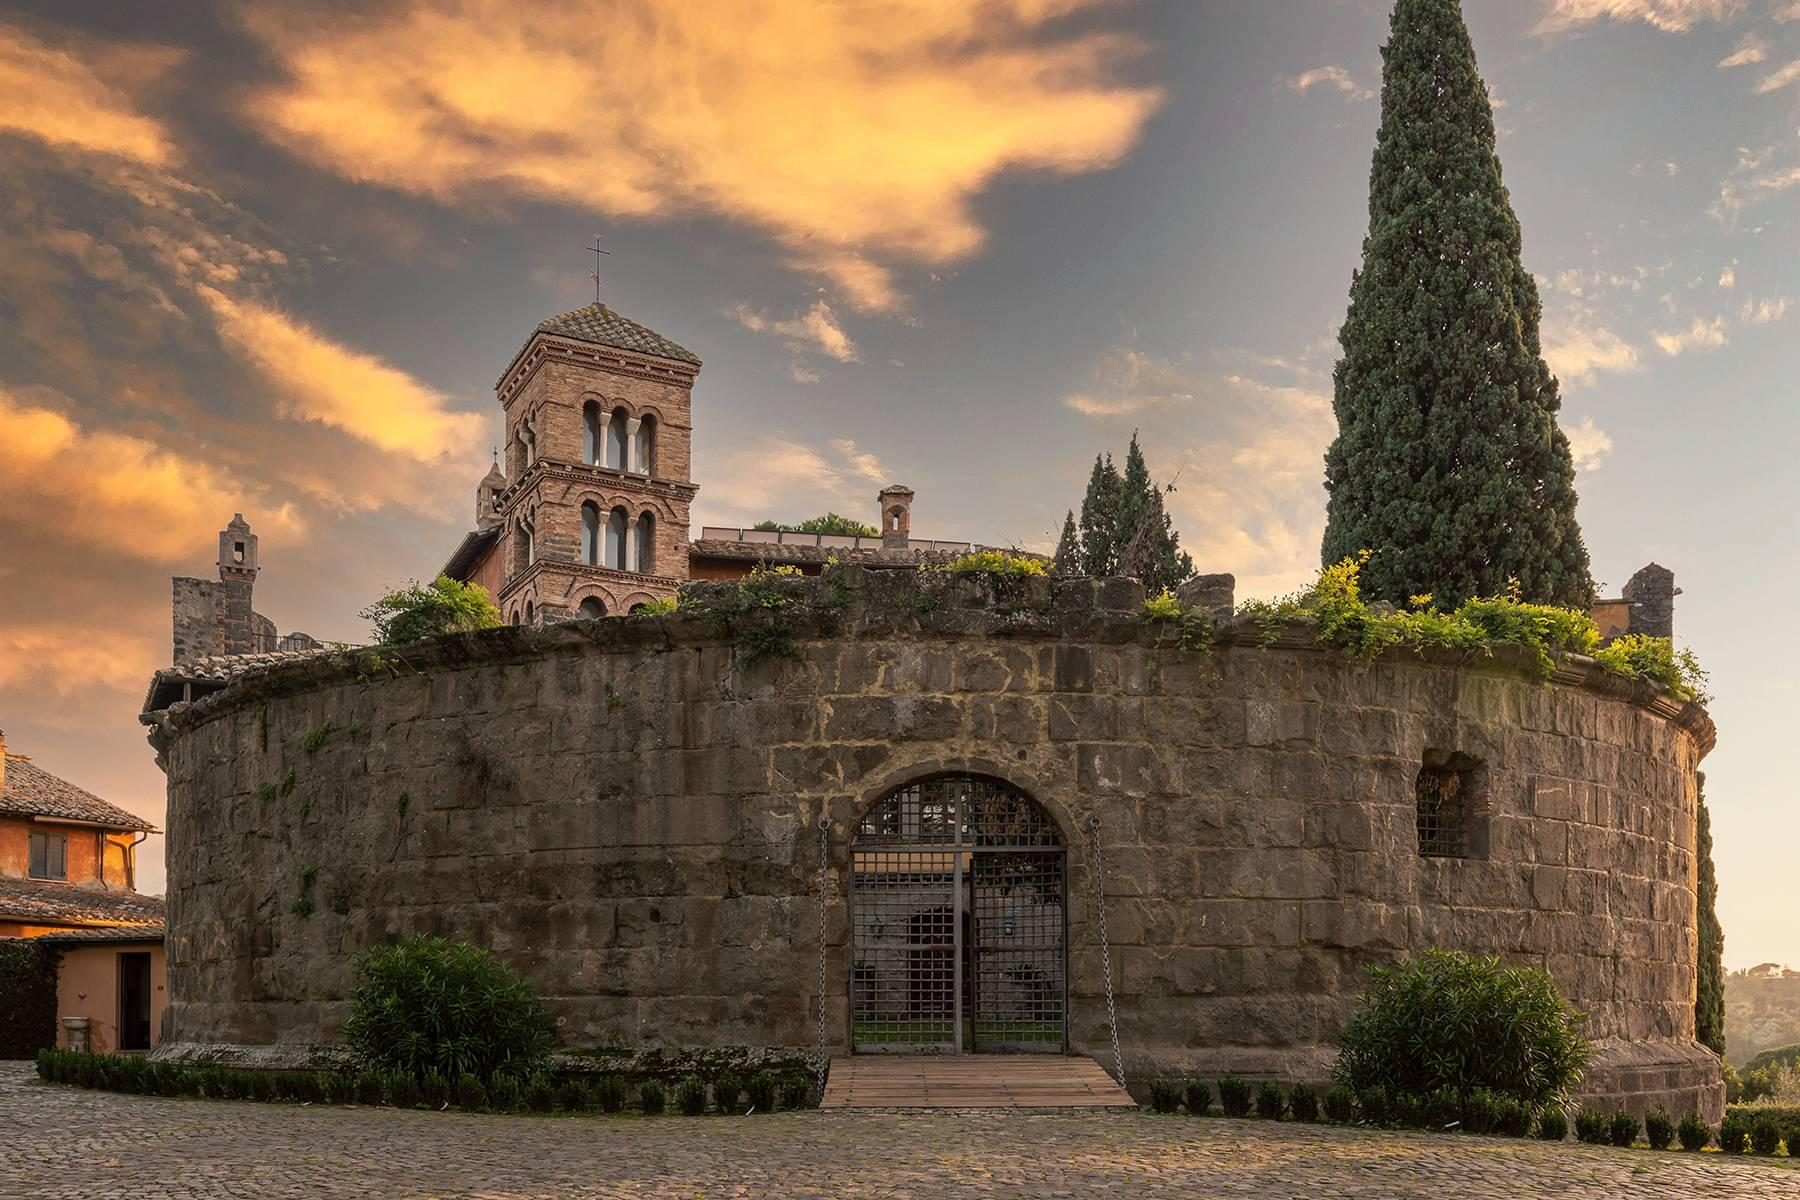 Kloster aus dem dreizehnten Jahrhunderts in der Nähe Roms - 1